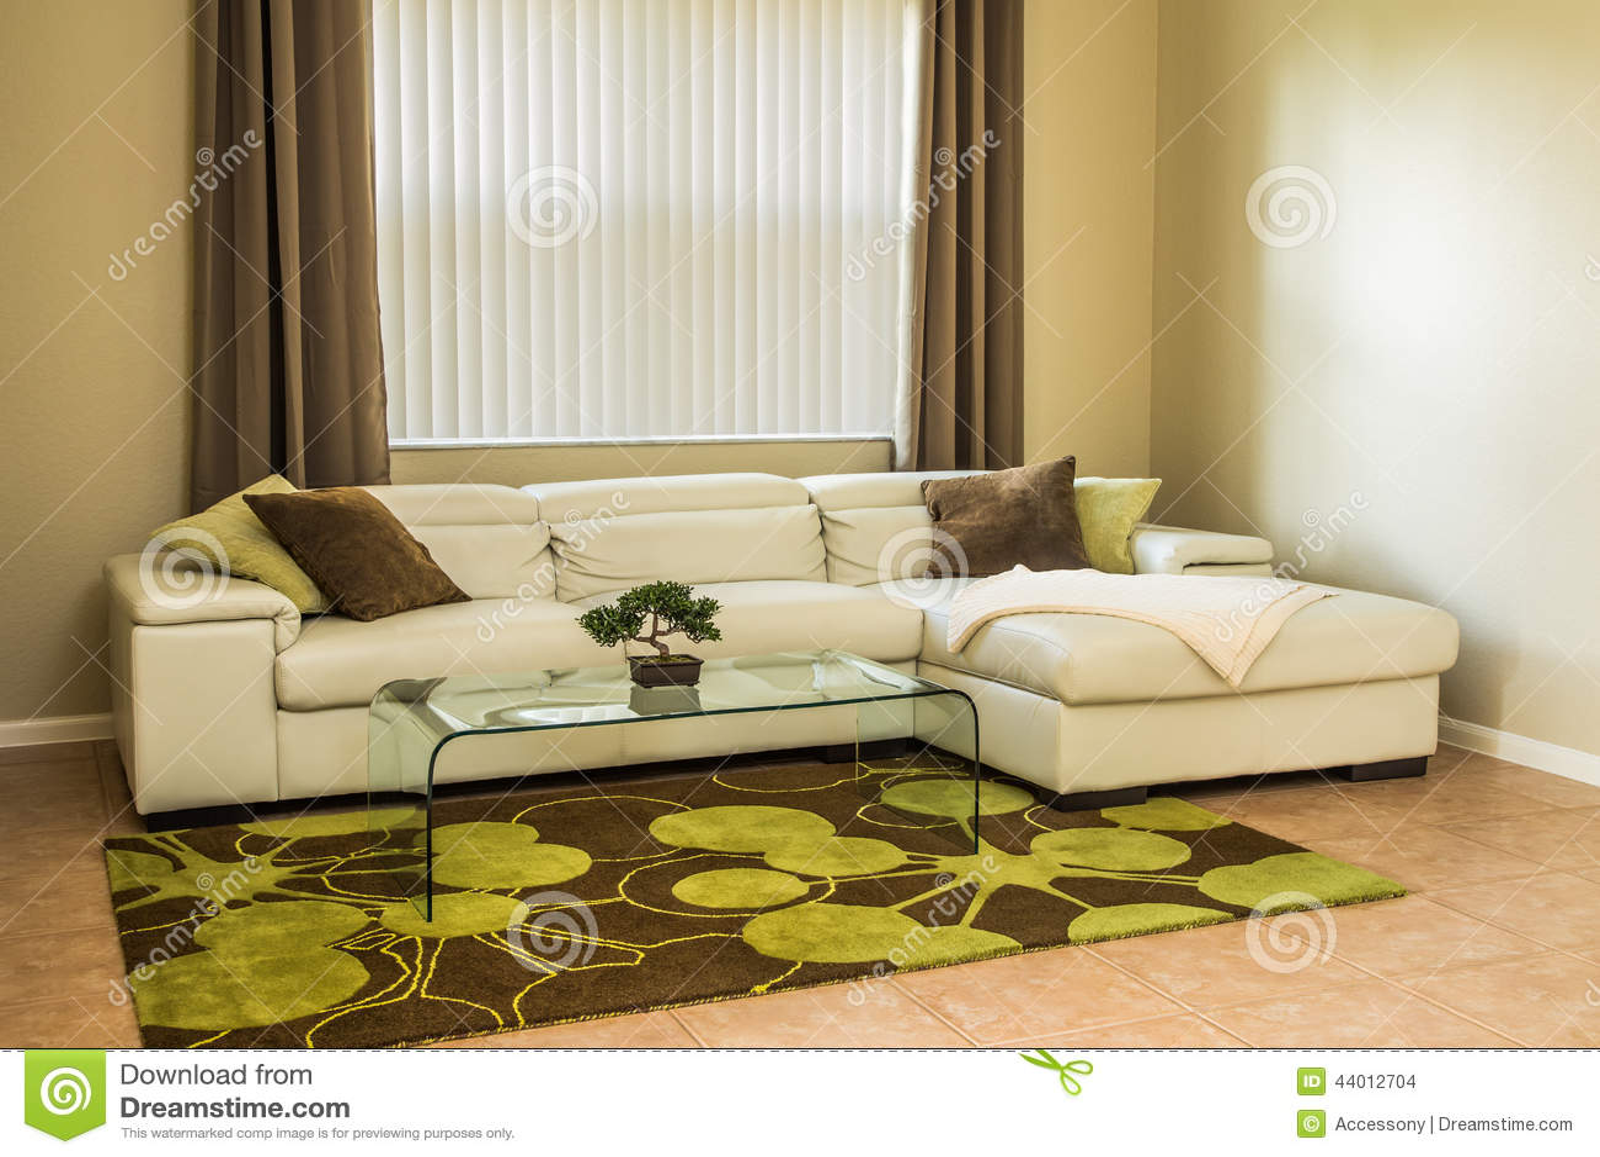 Salon confortable dans des couleurs vertes olives photo for Salon confortable